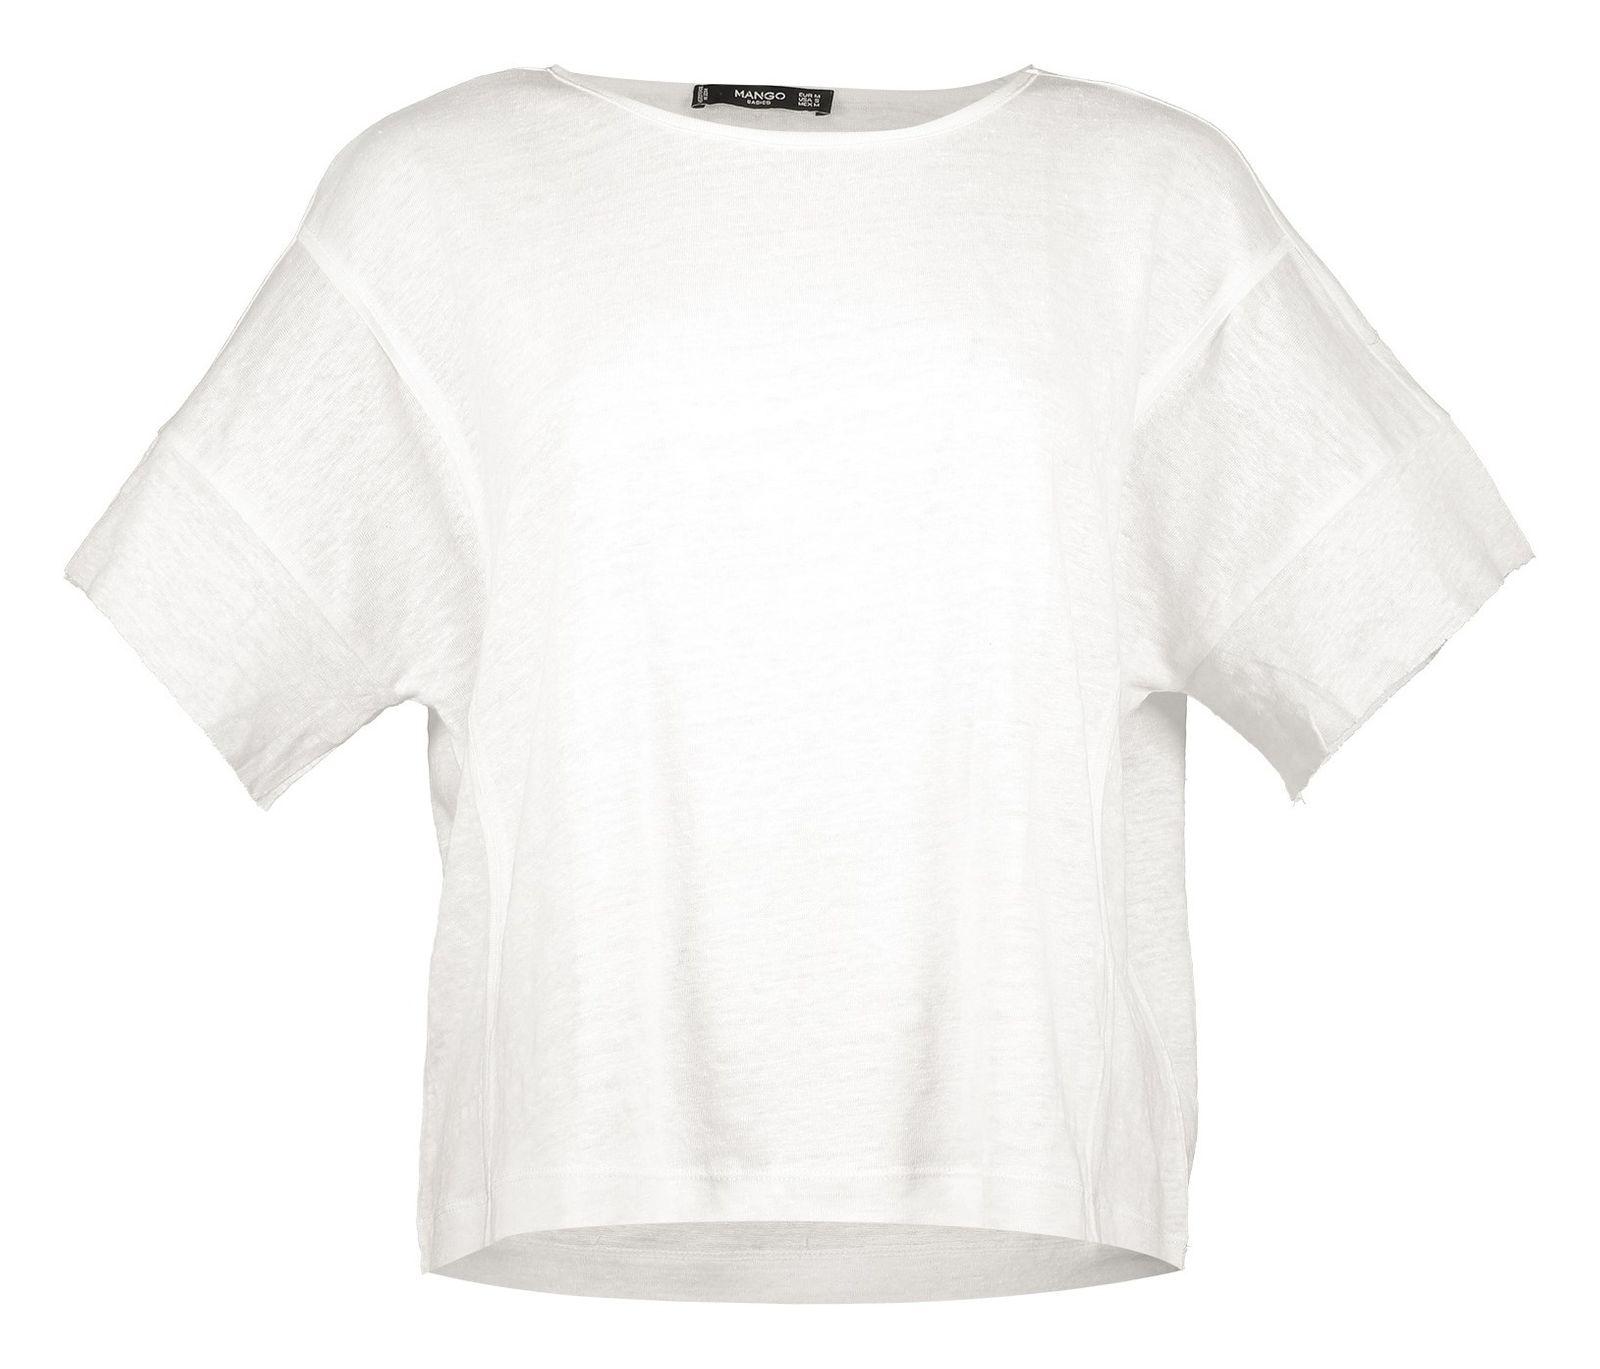 تی شرت یقه گرد زنانه - مانگو - سفيد - 1